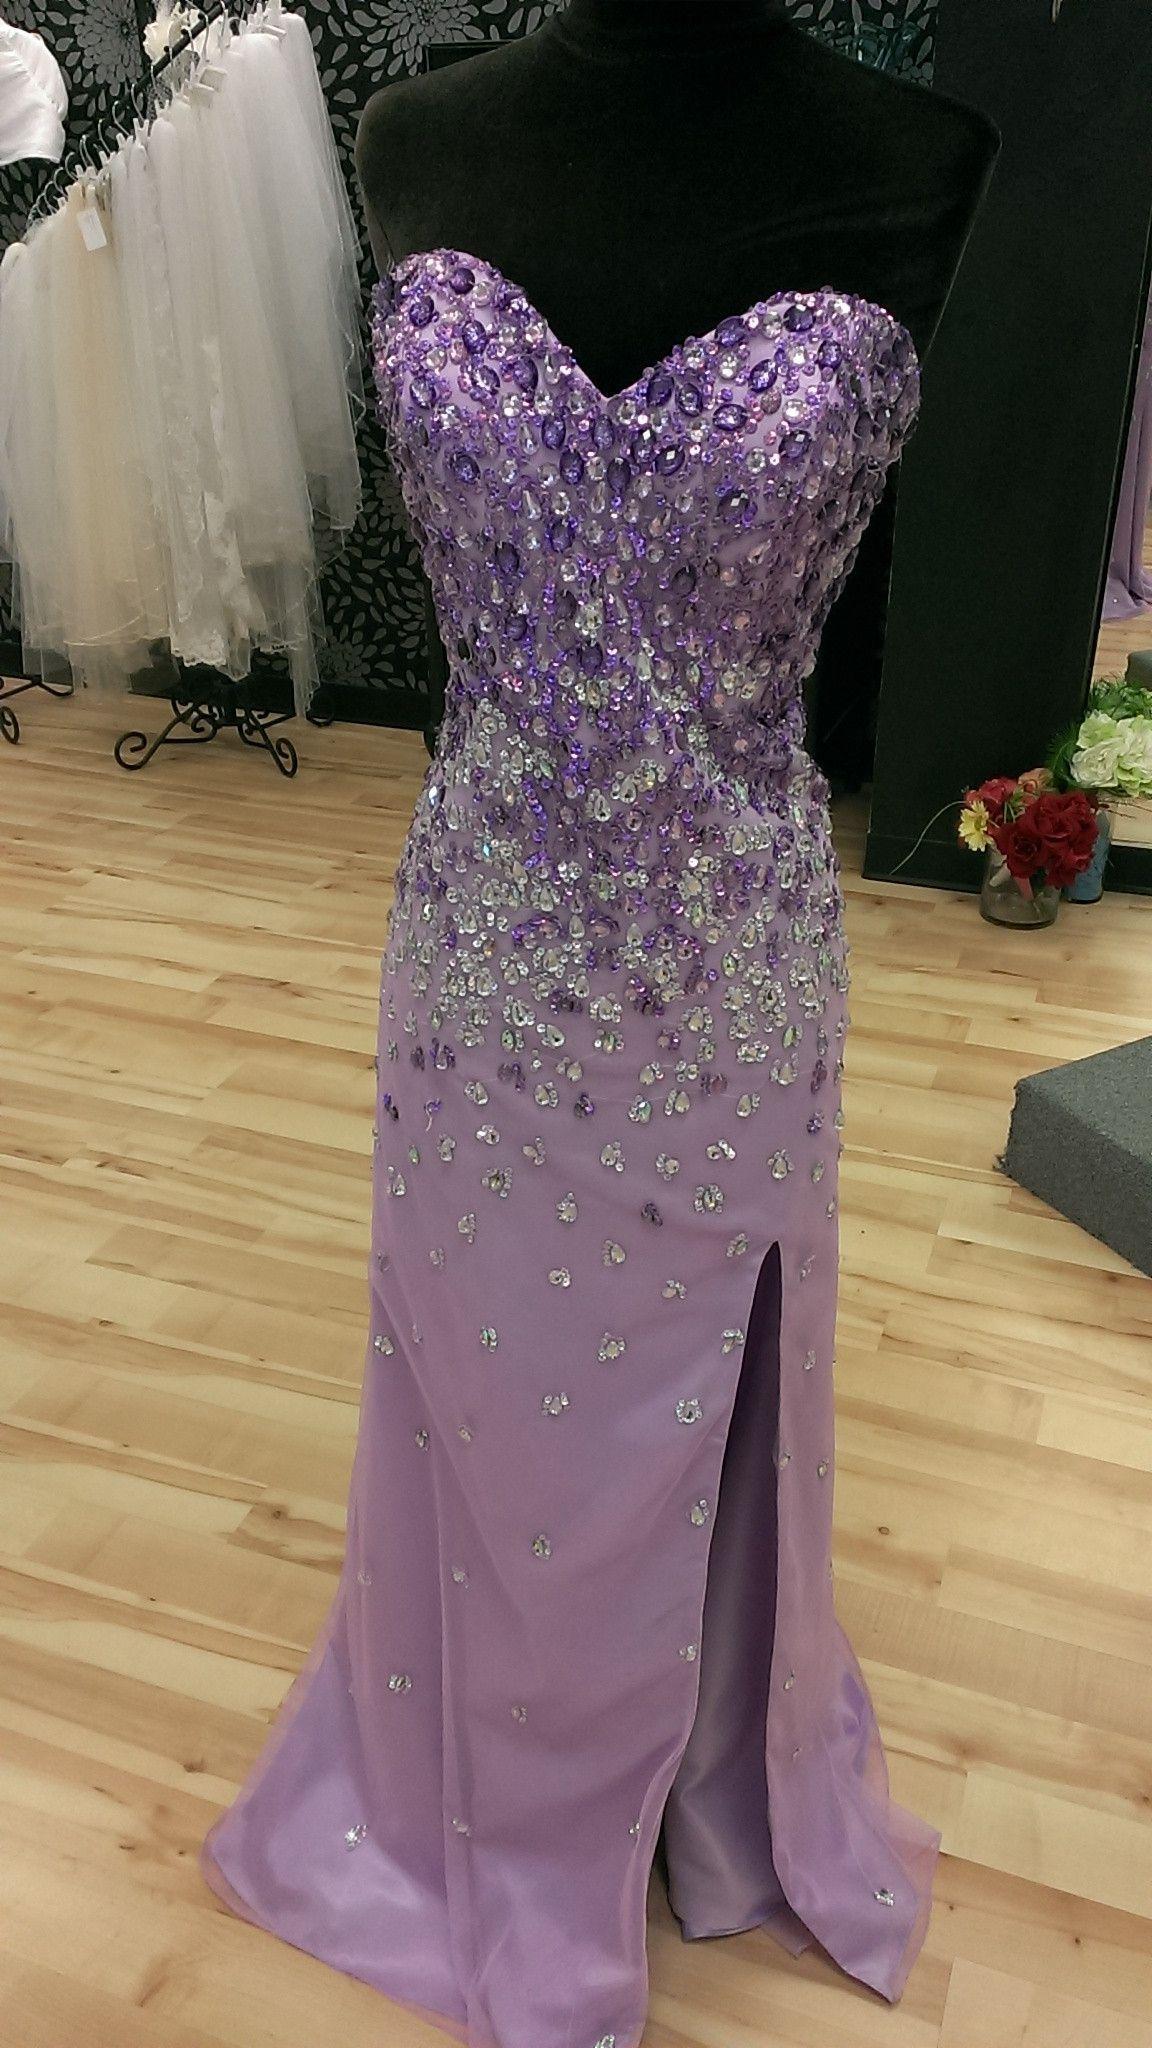 Lilac Prom Dress | alta costura | Pinterest | Alta costura y Costura